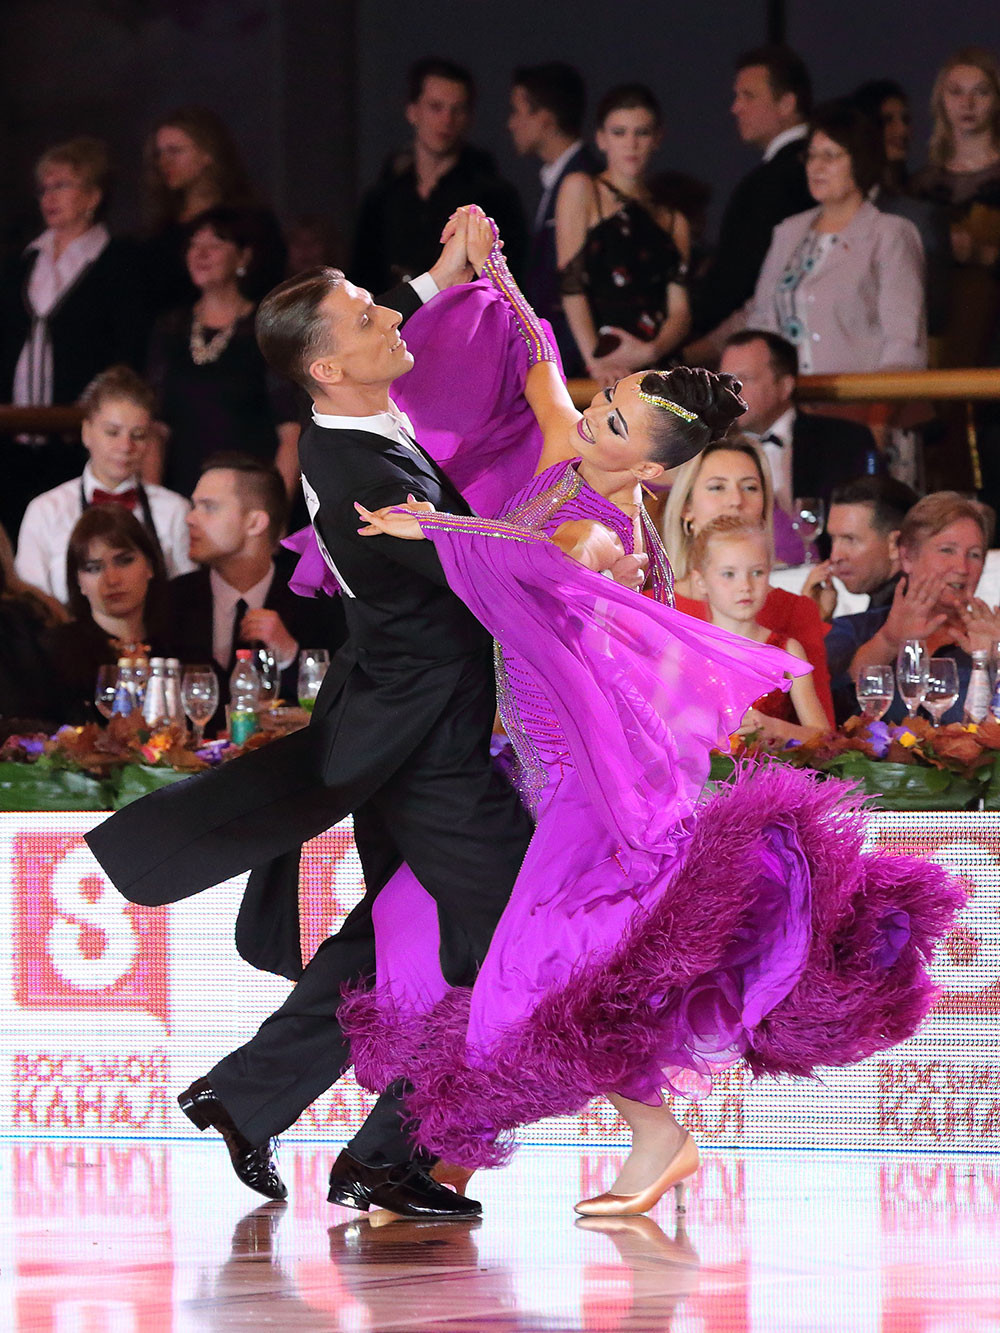 Сергей Сутырин и Наталья Сажина, Россия